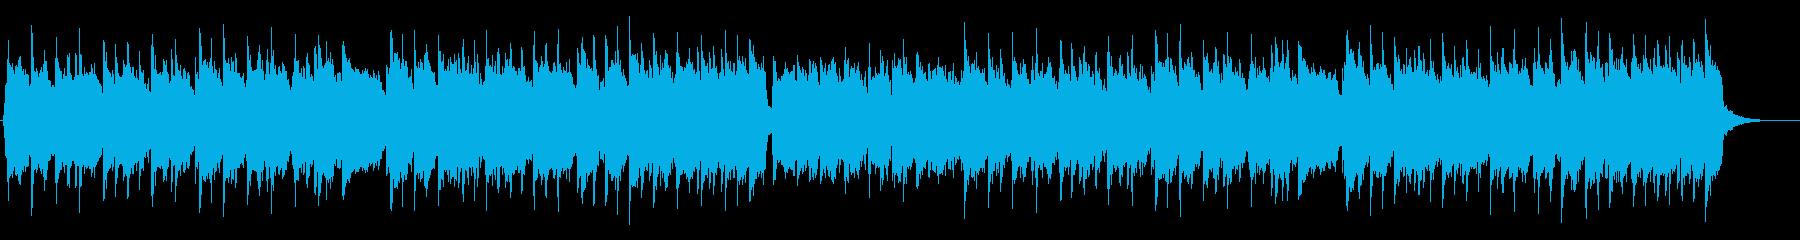 寂しげなアイリッシュトラッドの再生済みの波形